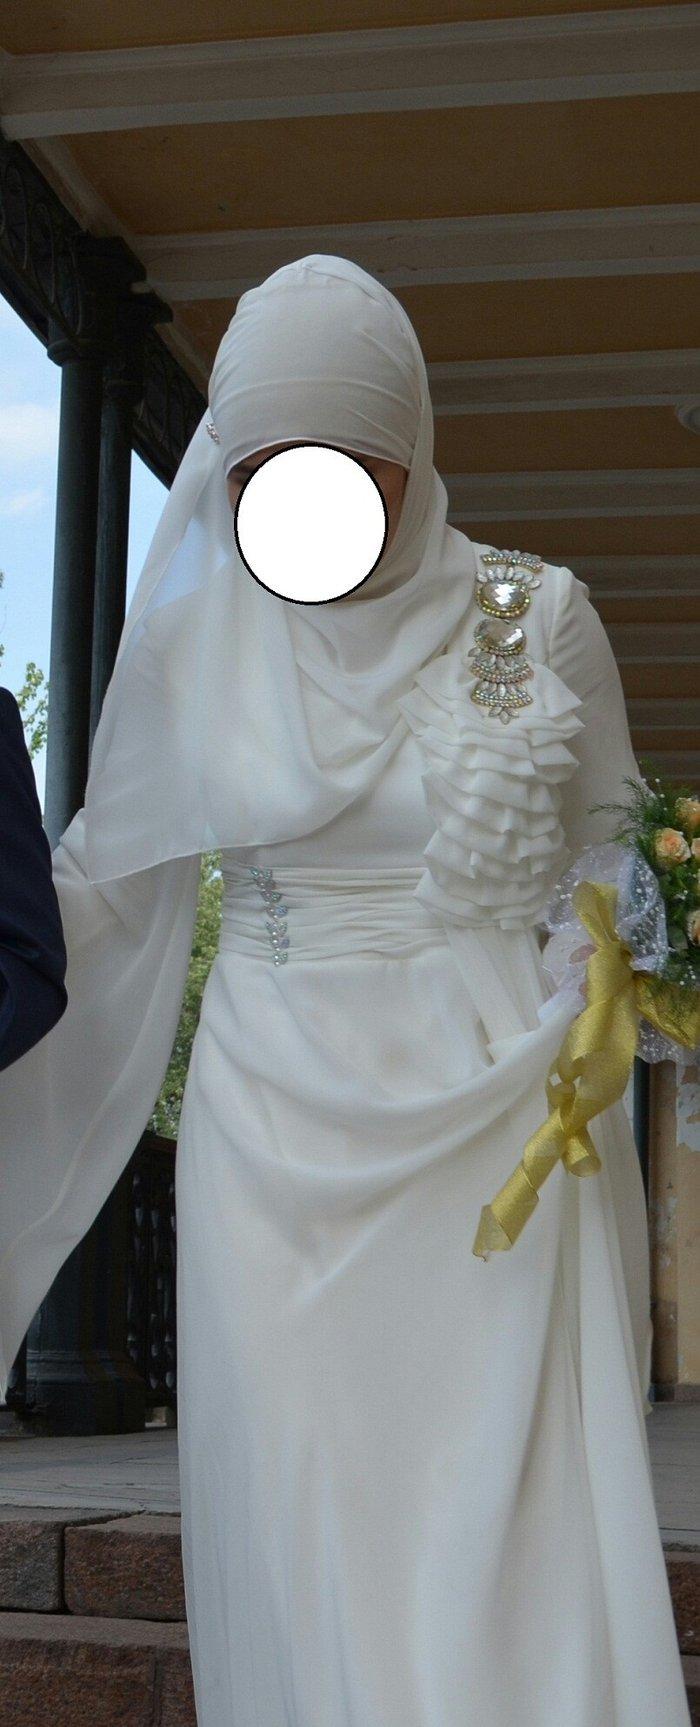 Платье на свадьбу  кыз узатуу! идеально подойдет для покрытых девушек